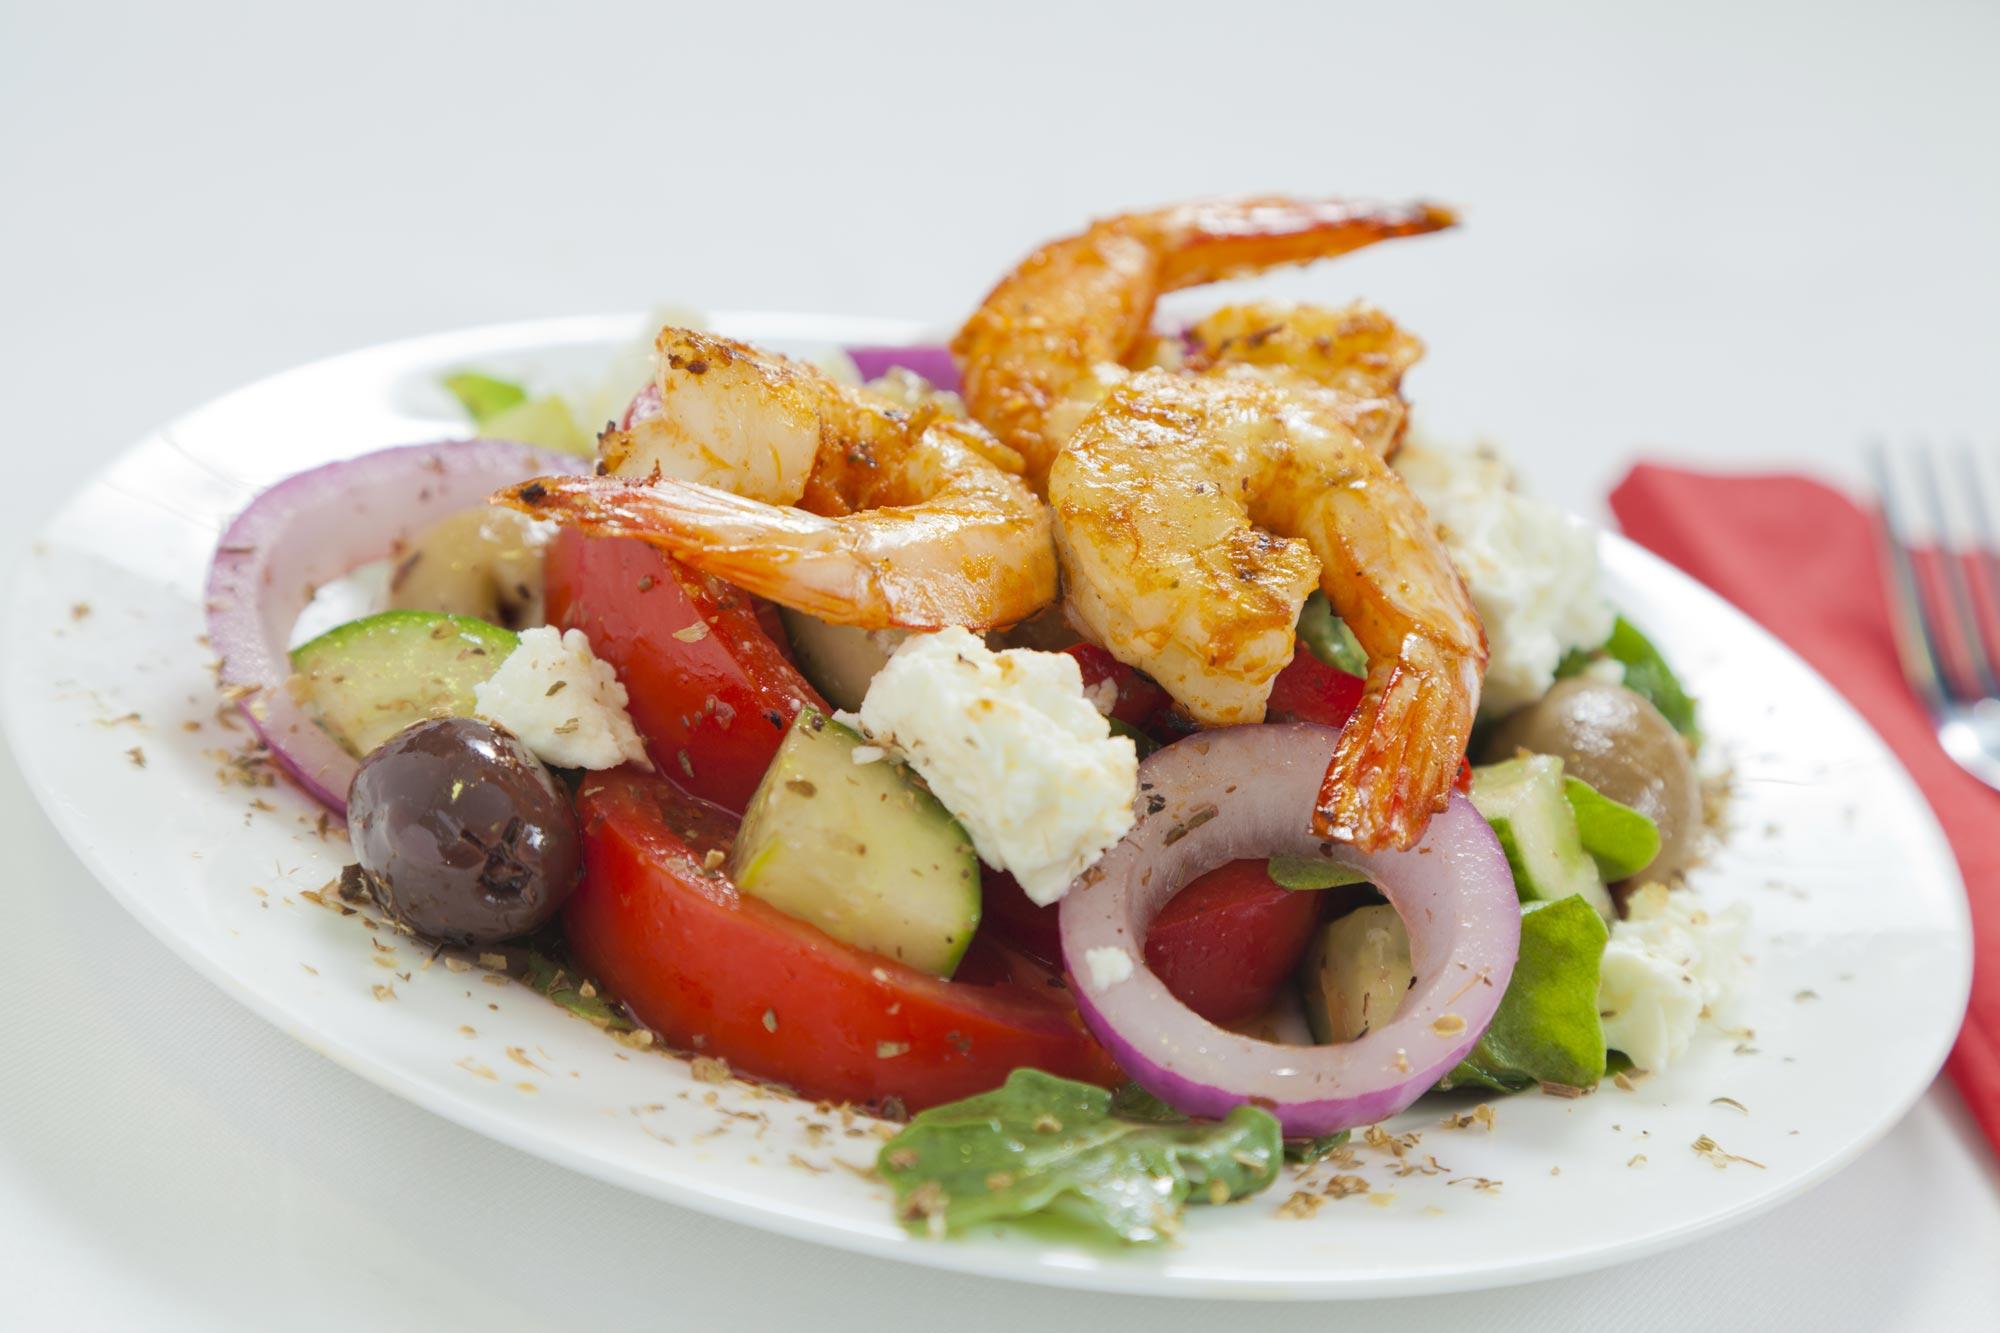 Græsk salat med grillede rejer